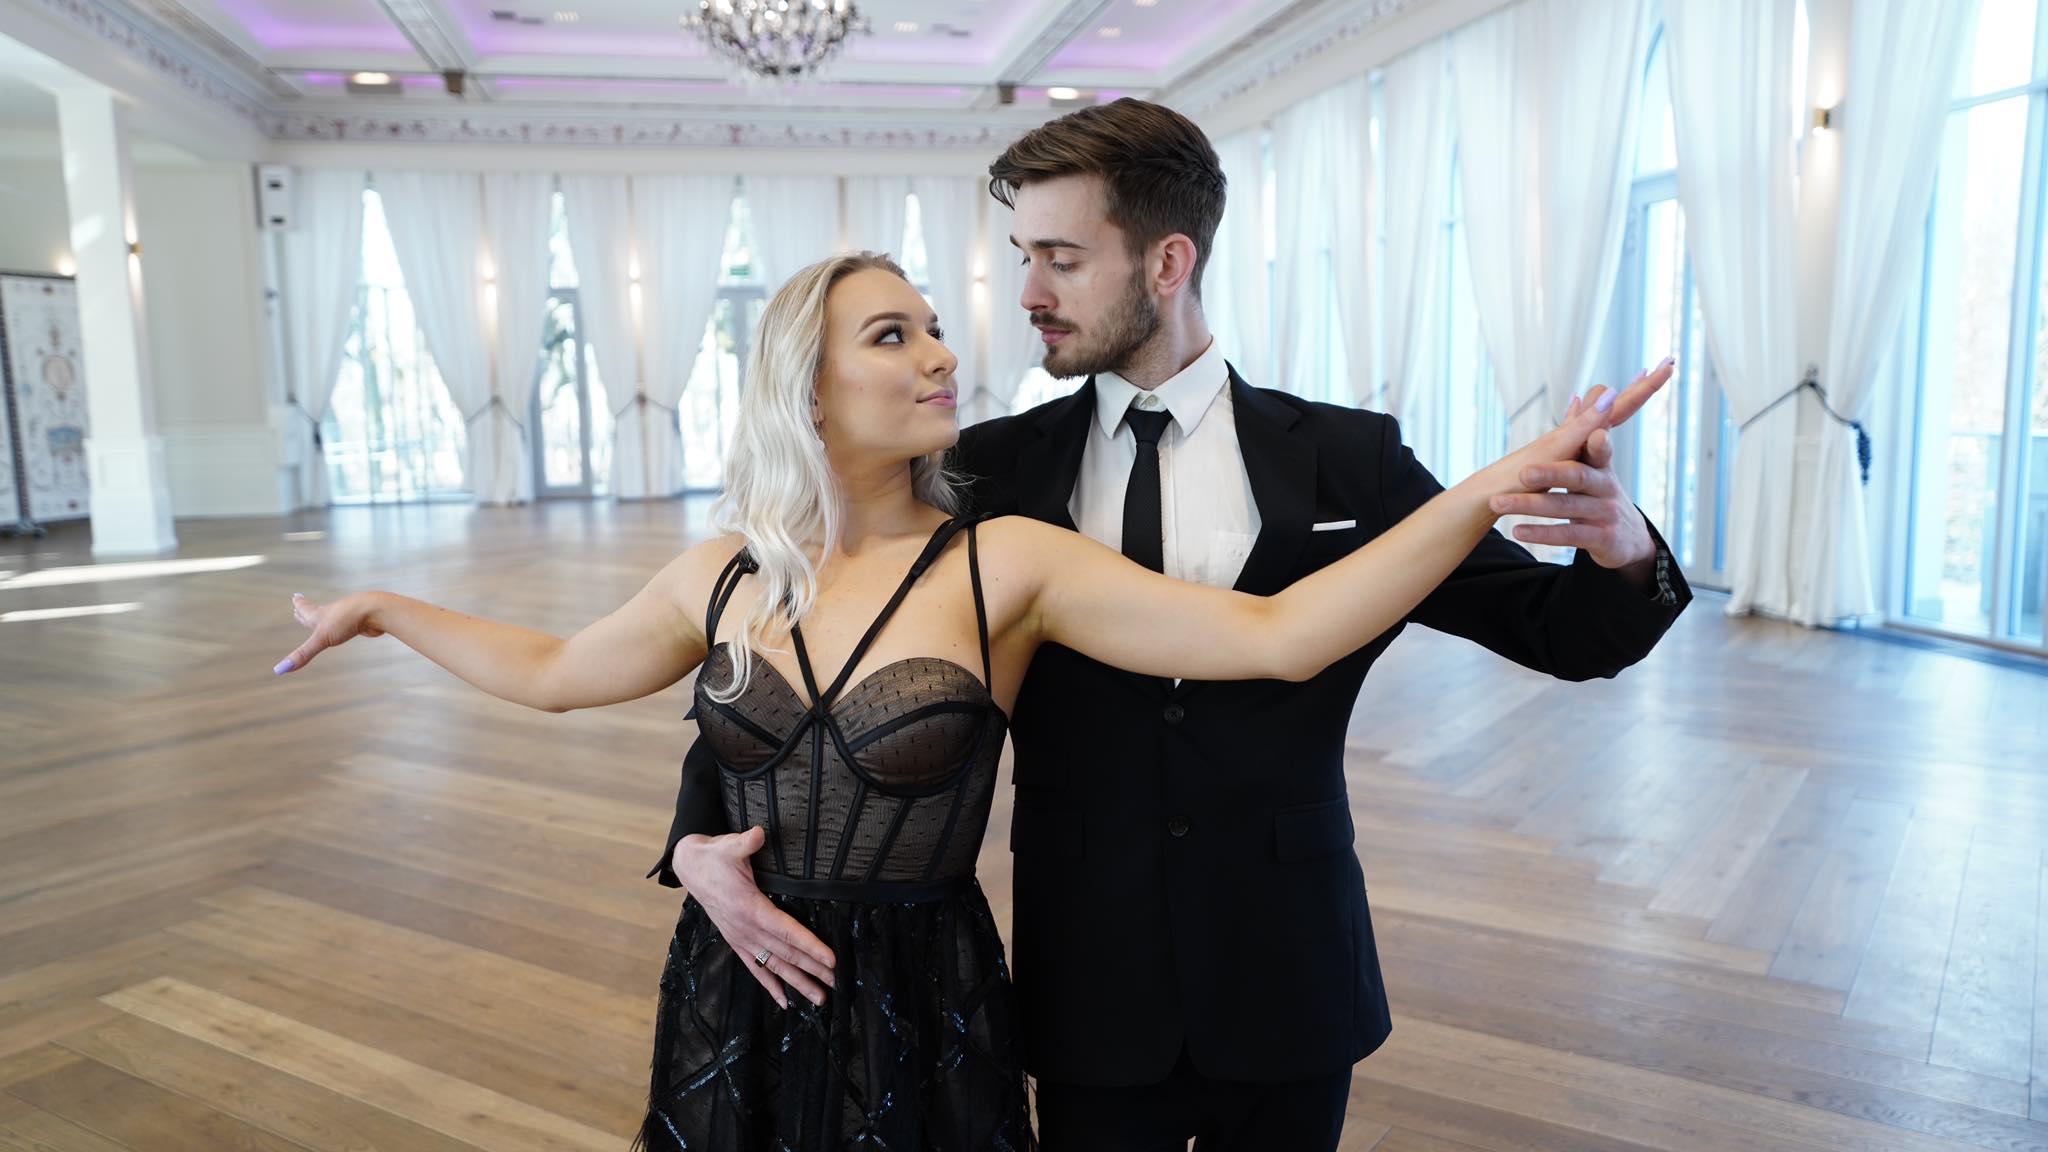 Pierwszy Taniec - Kurs Tańca - Choreografia Przez Internet - Nauka Online